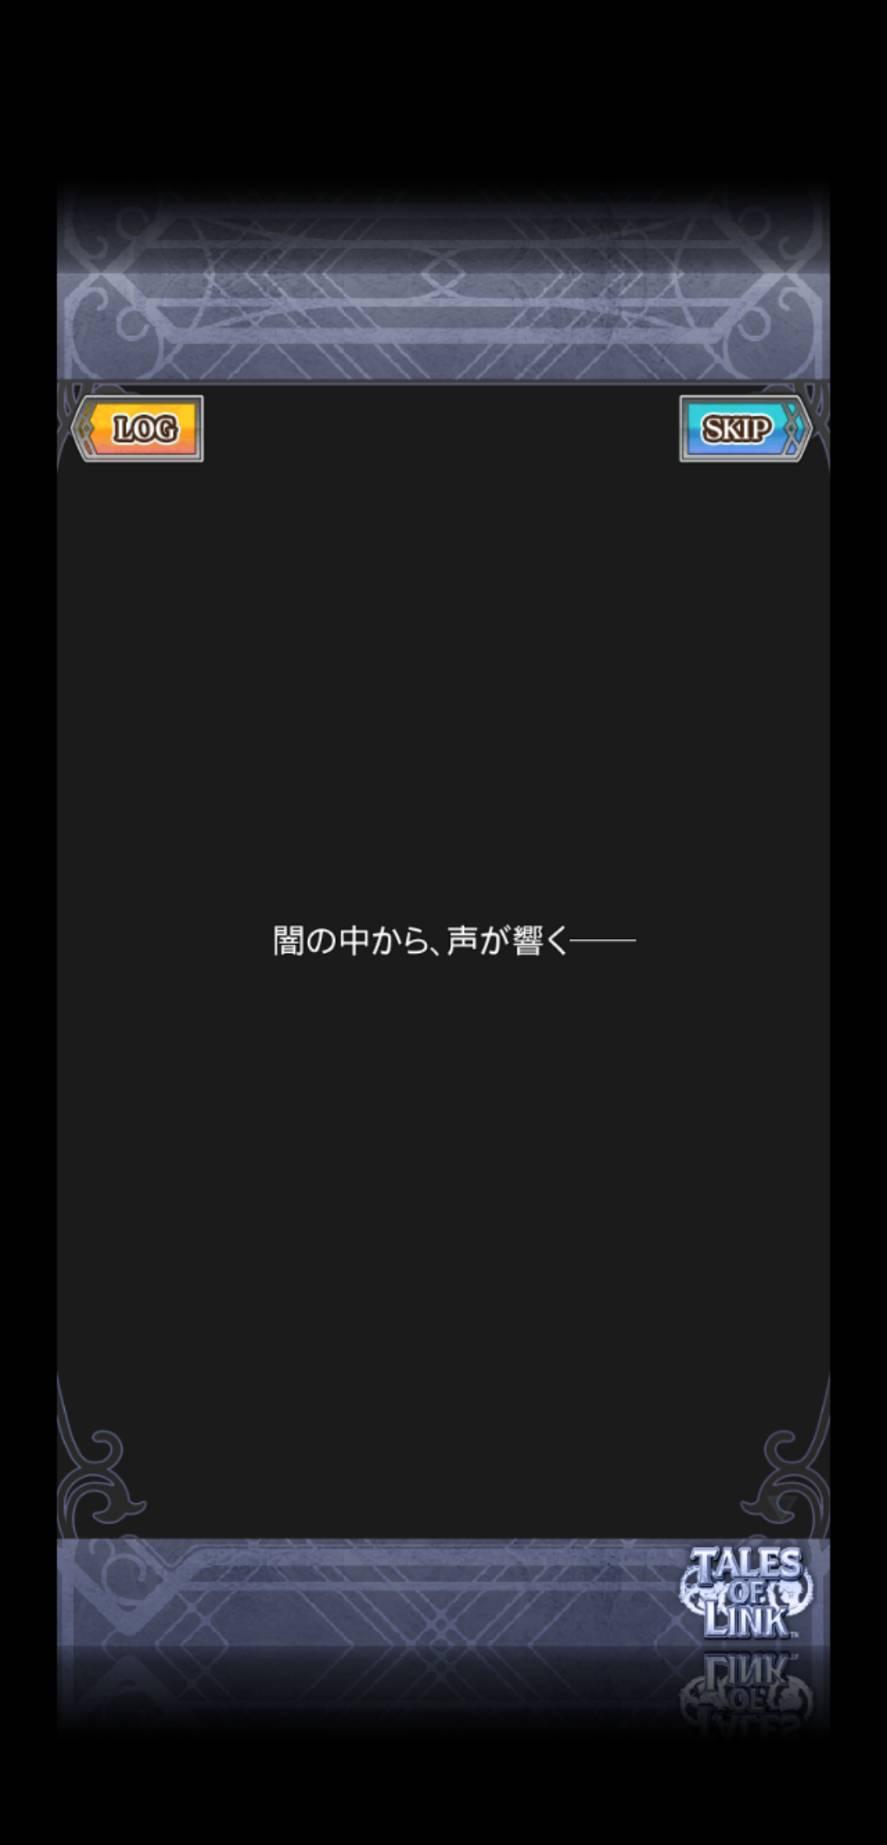 [번역] 번외편 이공의 여신 - 루퍼트 주염숲